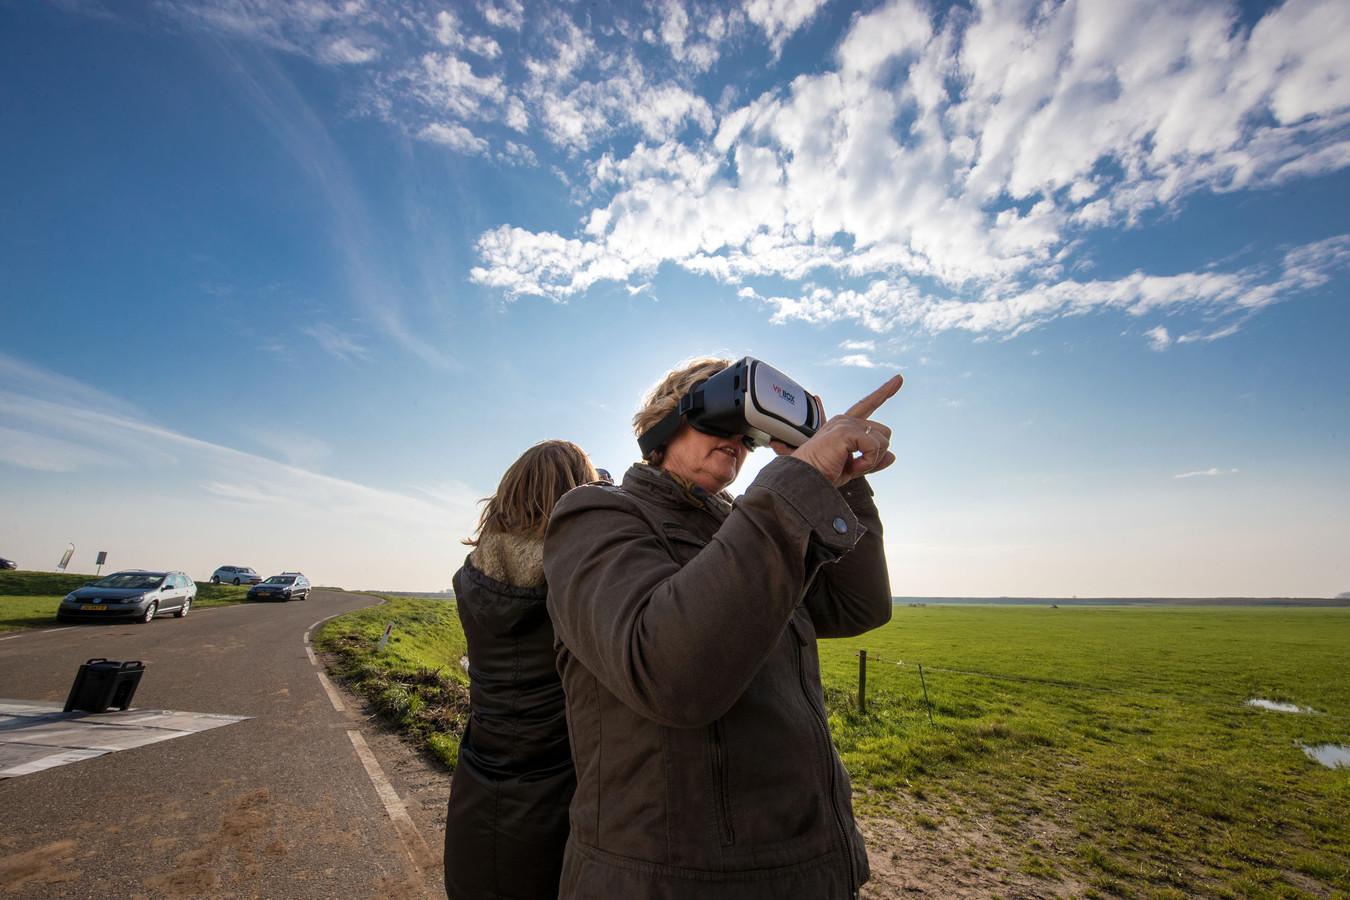 Inloop en informatiedag in 2017 voor mogelijke nieuwe bypassbewoners bij het Reevediep (Reevedorp) bij Kampen. Virtueel kunnen zij in het toekomstige dorp kijken.